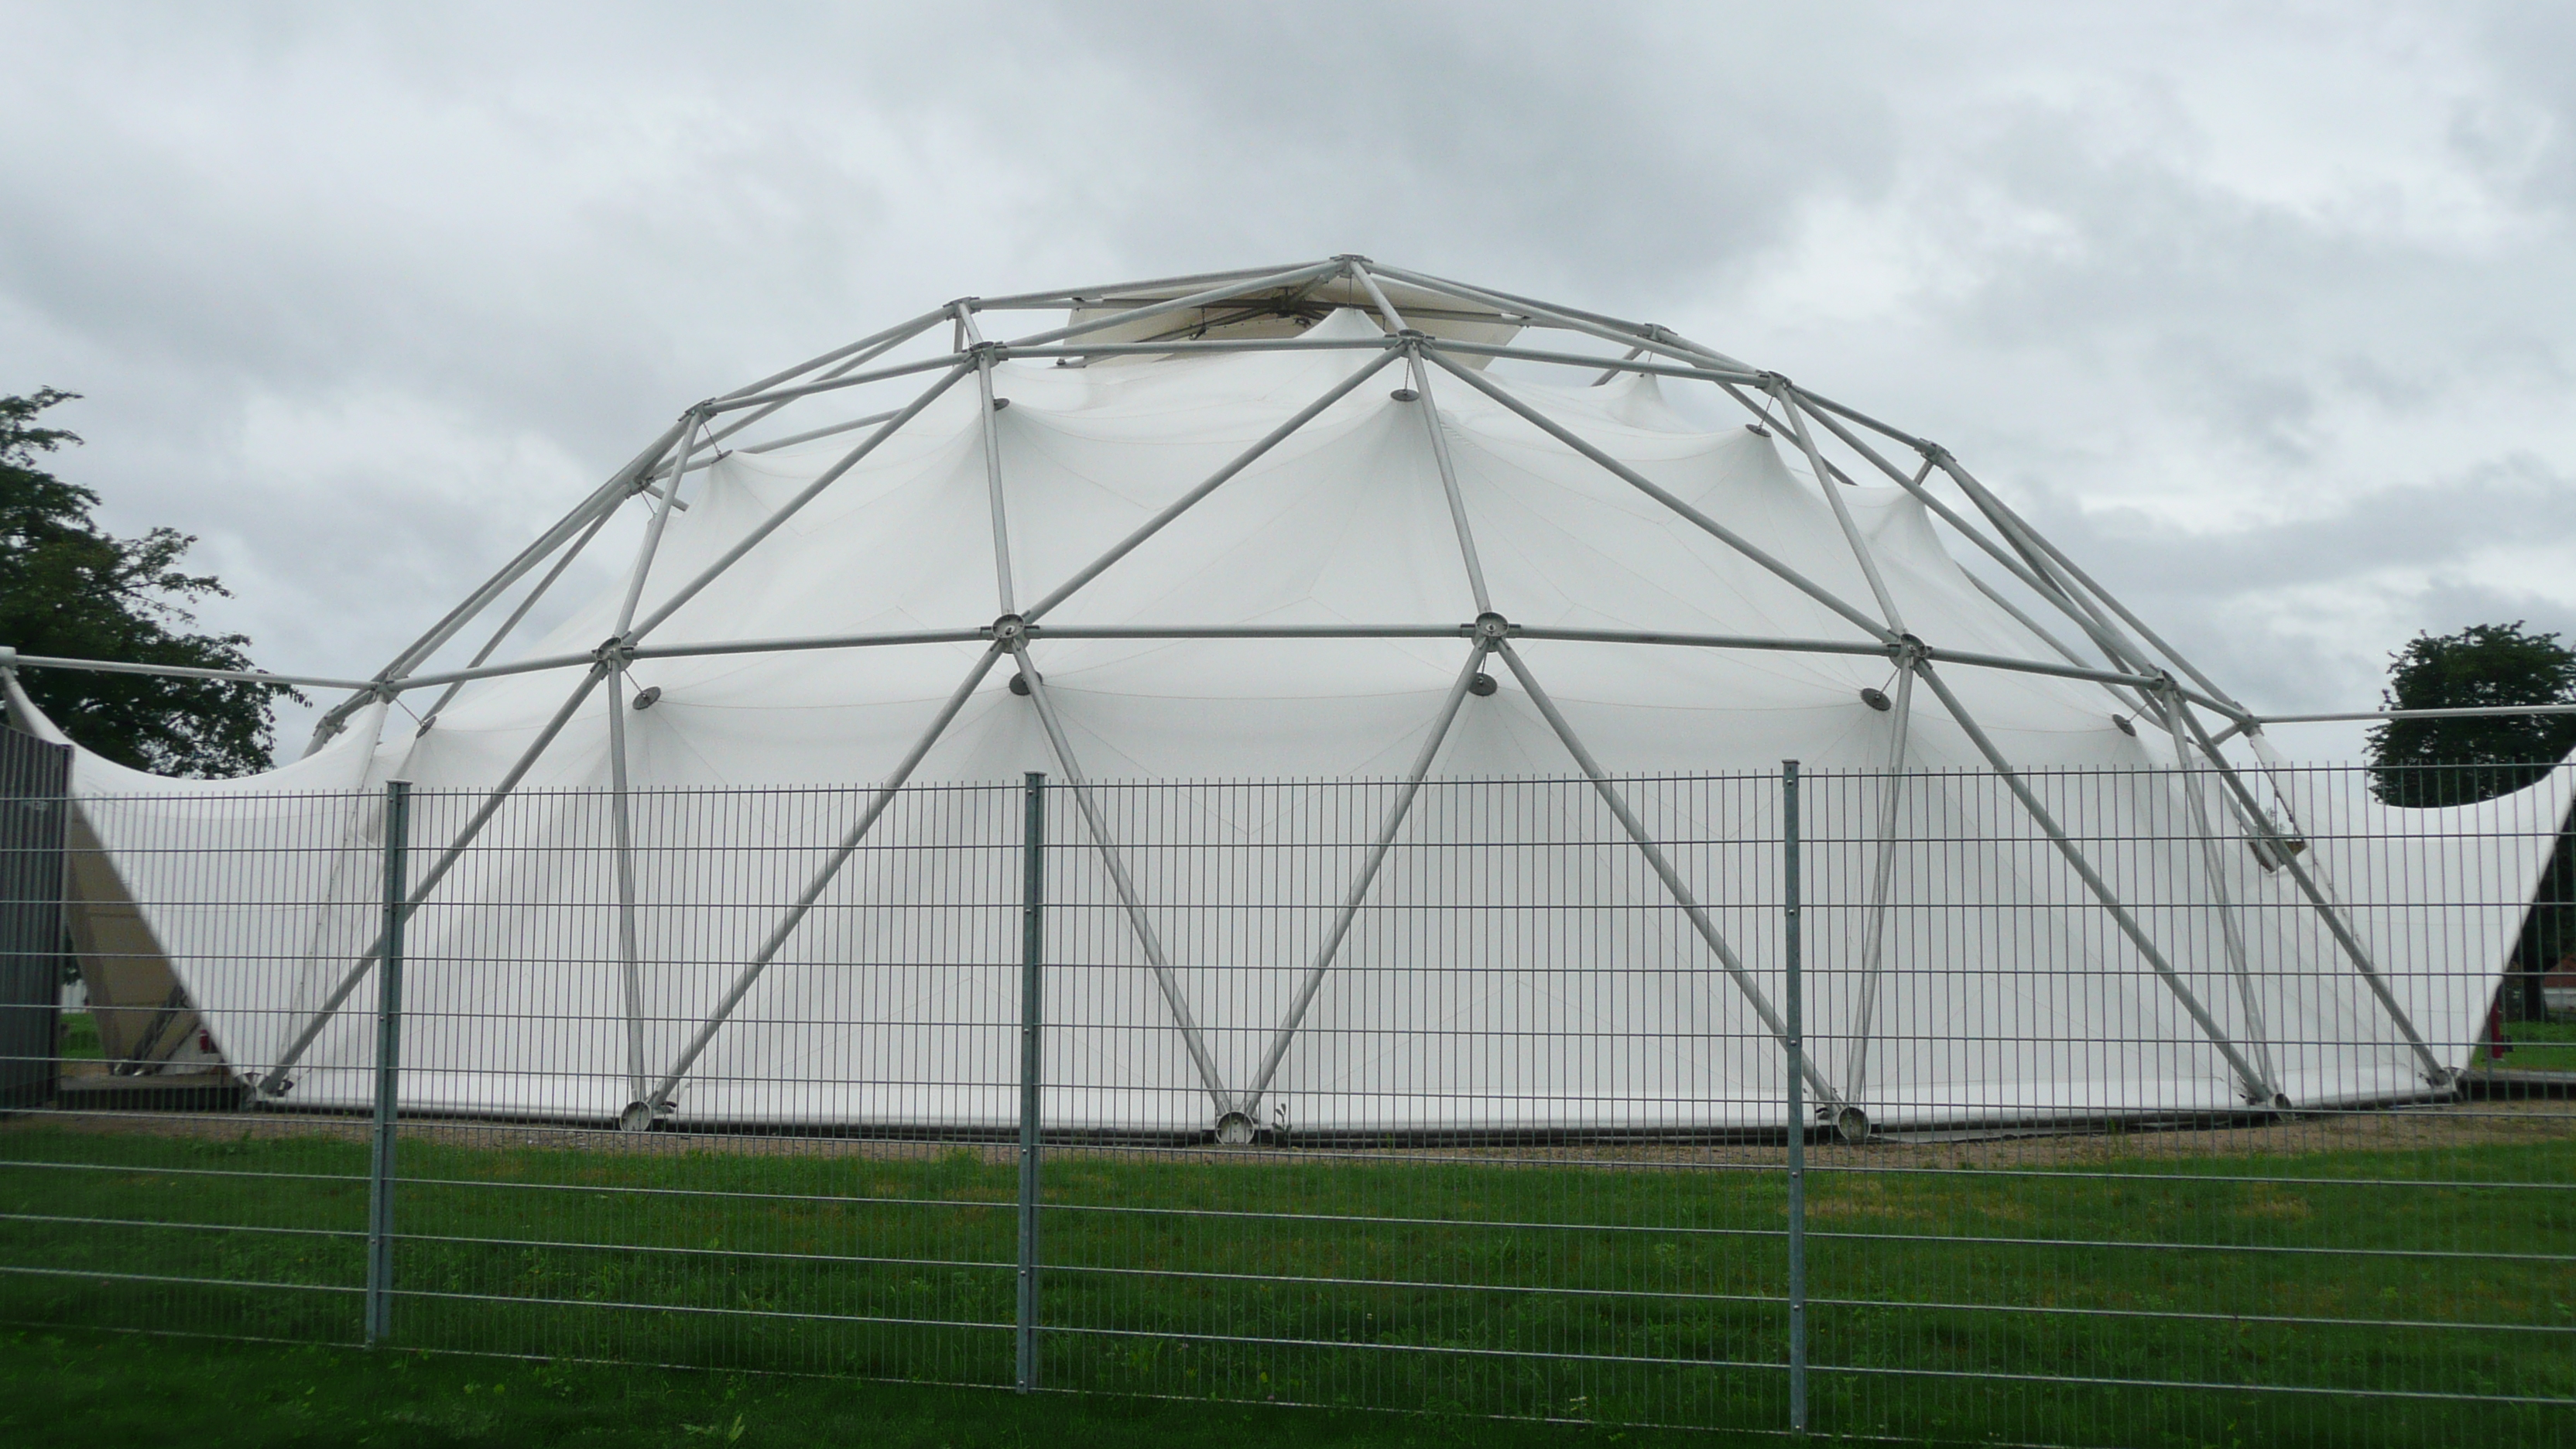 Geodätische Kuppel Selber Bauen geodätische kuppel – wikipedia